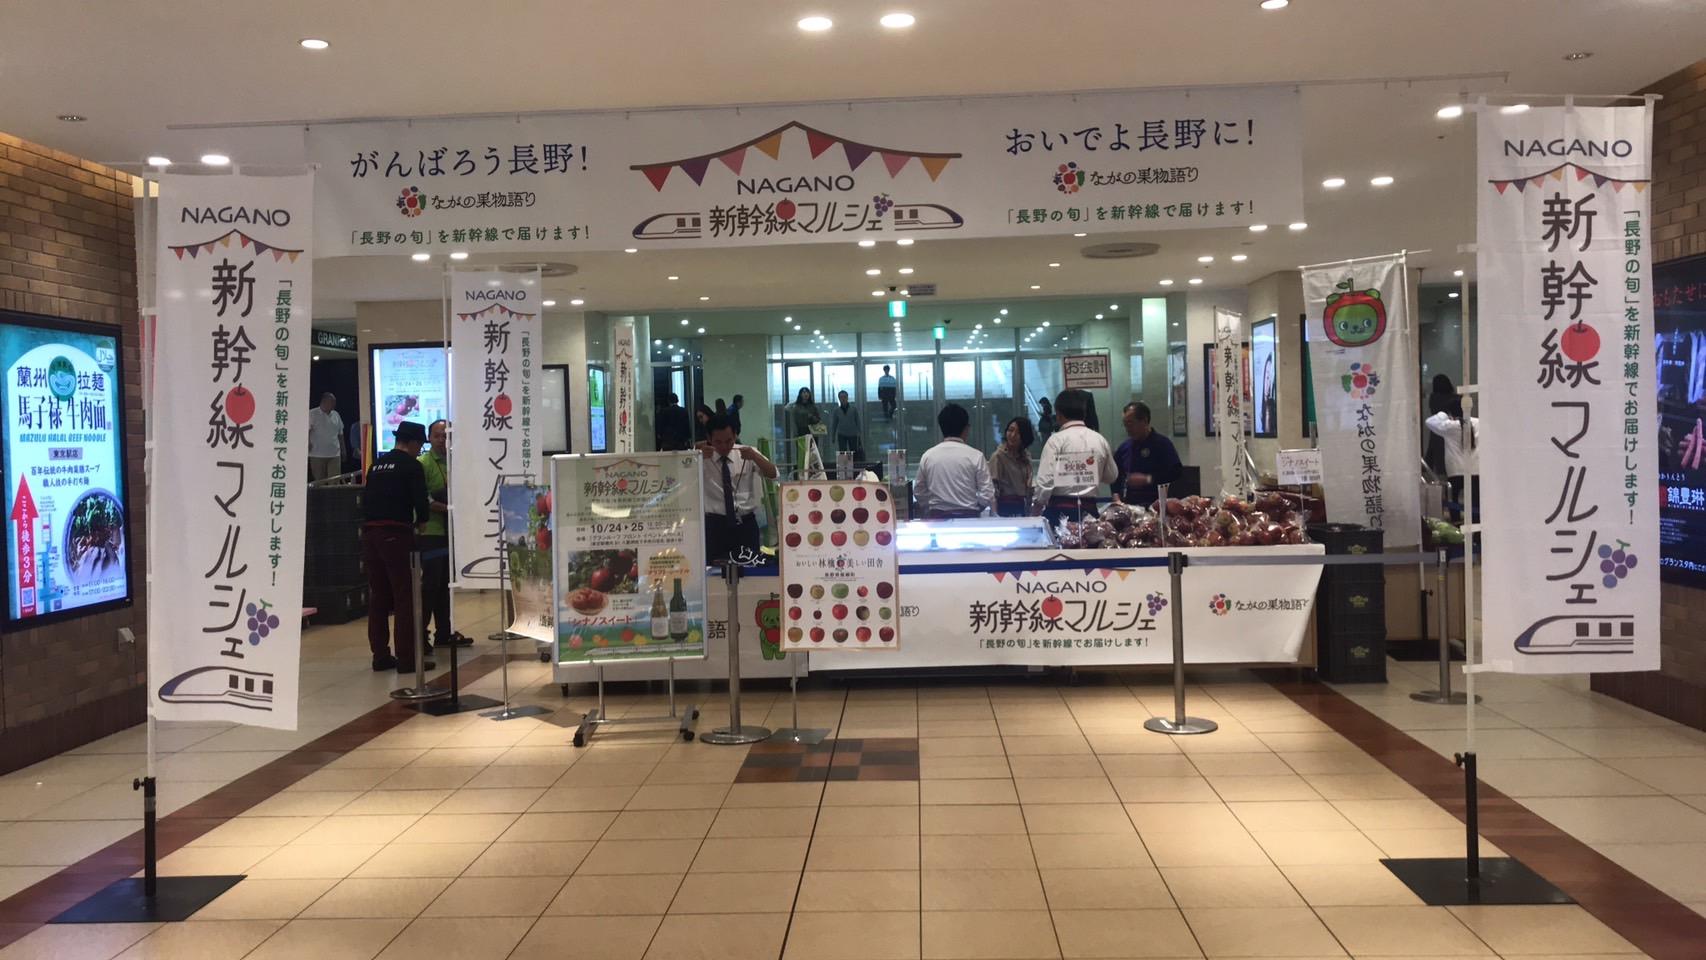 東京駅で長野県復興支援イベント開催。「ながの果物語り新幹線マルシェ」で、おいしいりんごを購入しよう!_1